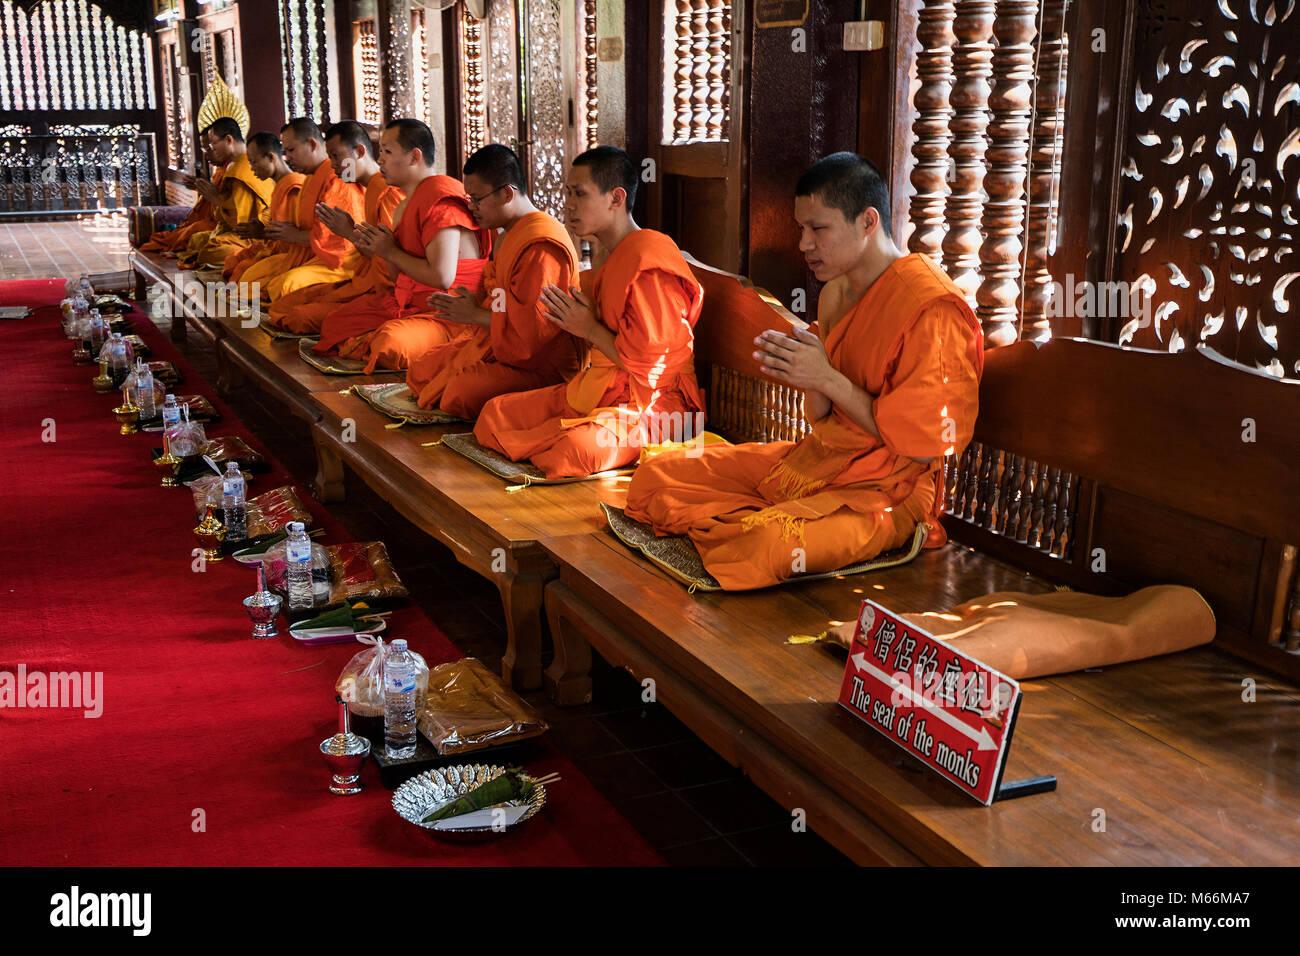 Le chant des moines Thaïlandais à Wat Lok Moli - traditionnellement beaucoup de jeunes garçons thaïlandais Photo Stock